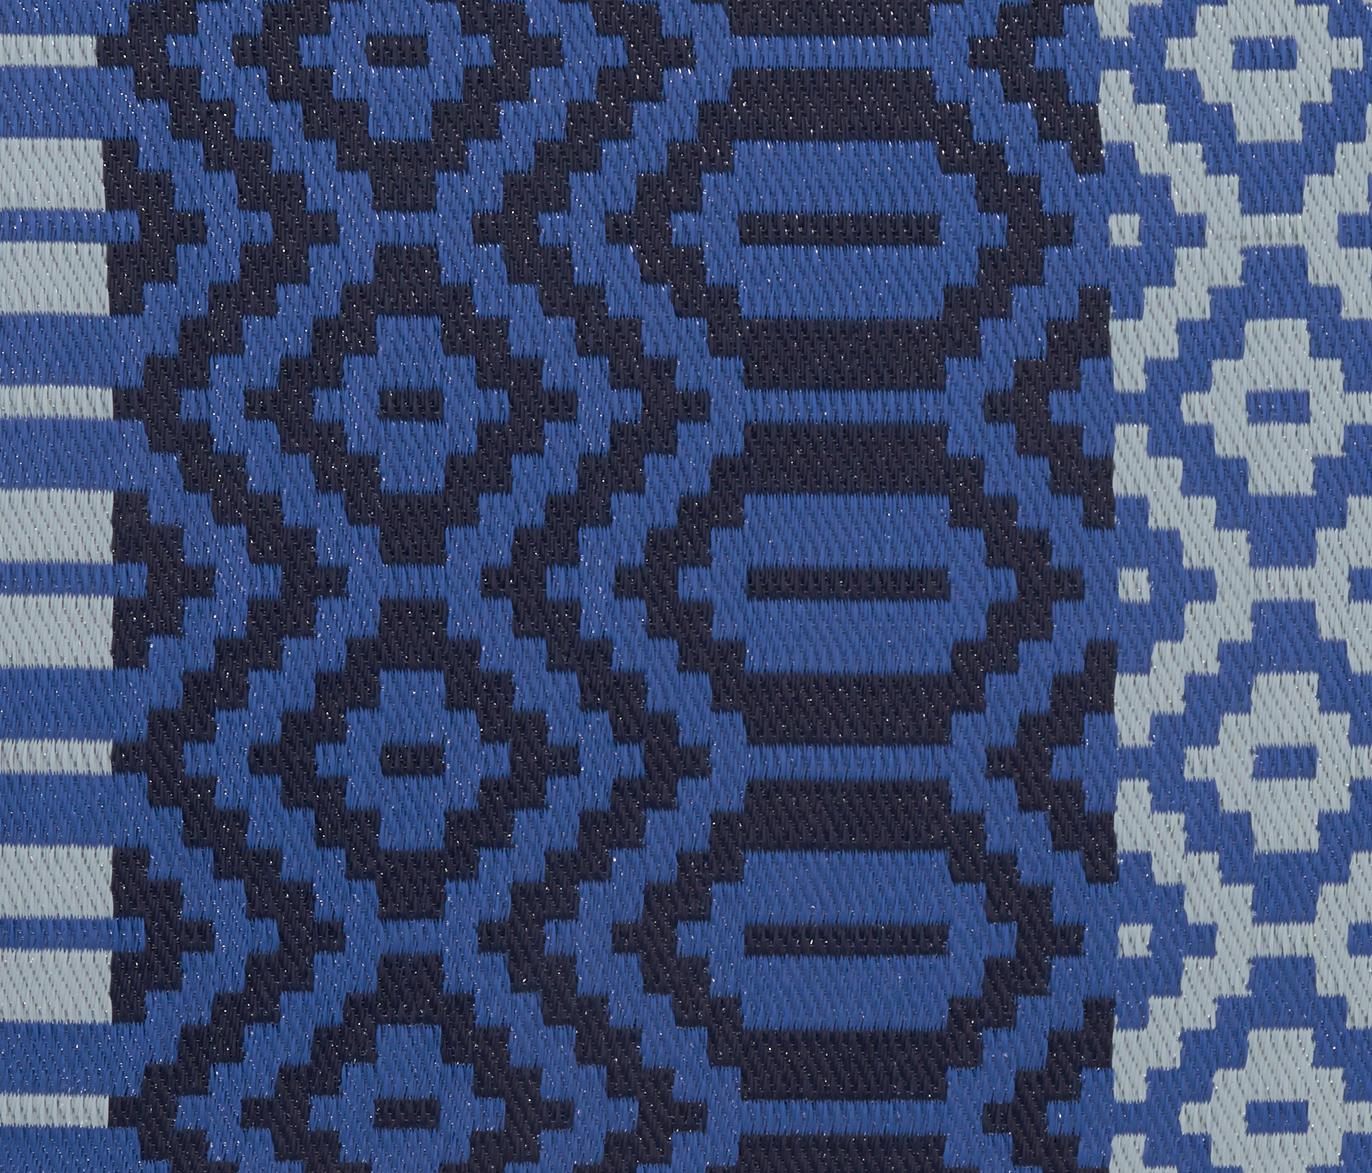 feldis tapis en plastique tapis d 39 ext rieurs de atelier. Black Bedroom Furniture Sets. Home Design Ideas